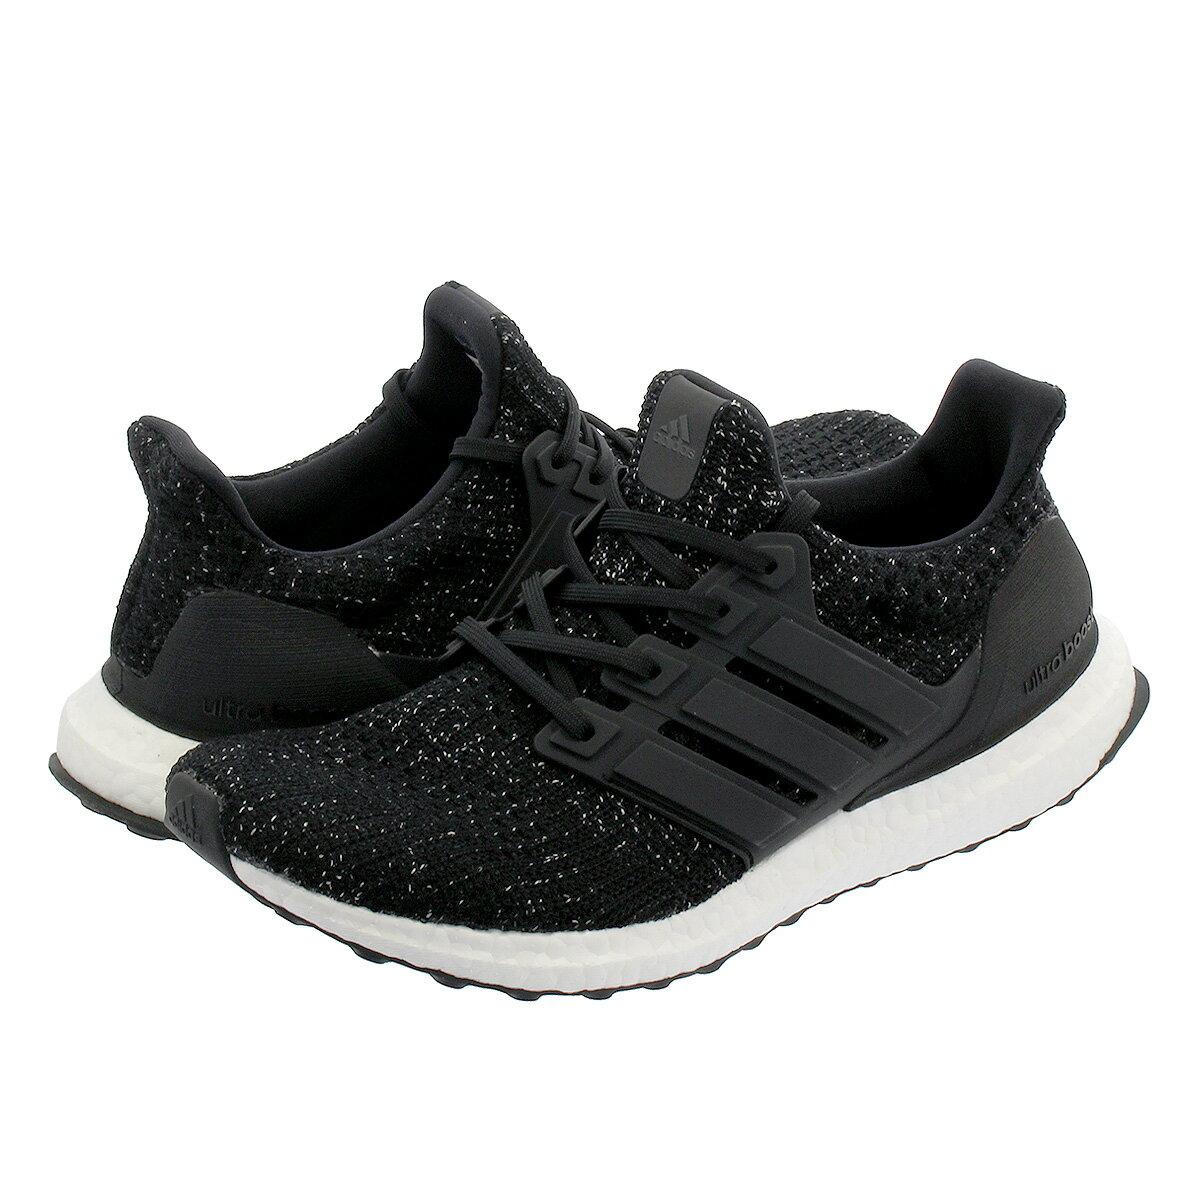 メンズ靴, スニーカー  adidas ULTRA BOOST CORE BLACKCORE BLACKRUNNING WHITE f36153